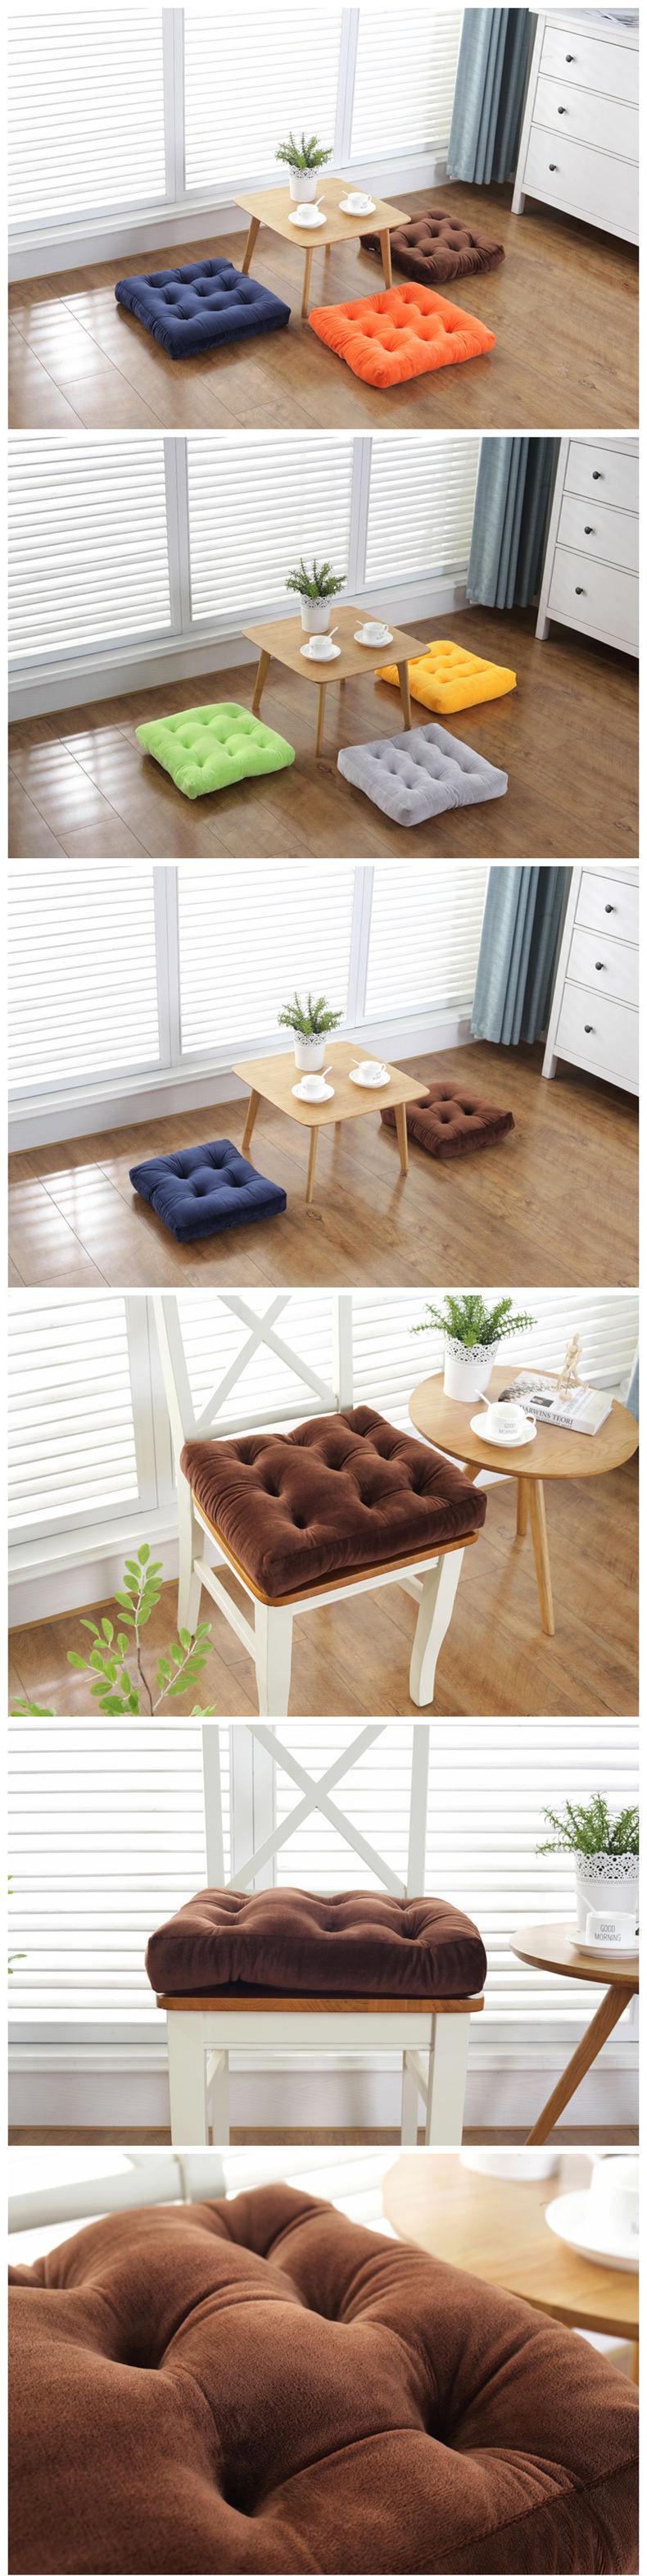 H93ebc12dcd174aa886e304a755baa0e3y Thickening Anti-skid Cotton Chair Cushion Tatami Seat Pad Soft Office Chair Cushions Car Sit Mat Winter Cushion Throw Pillow